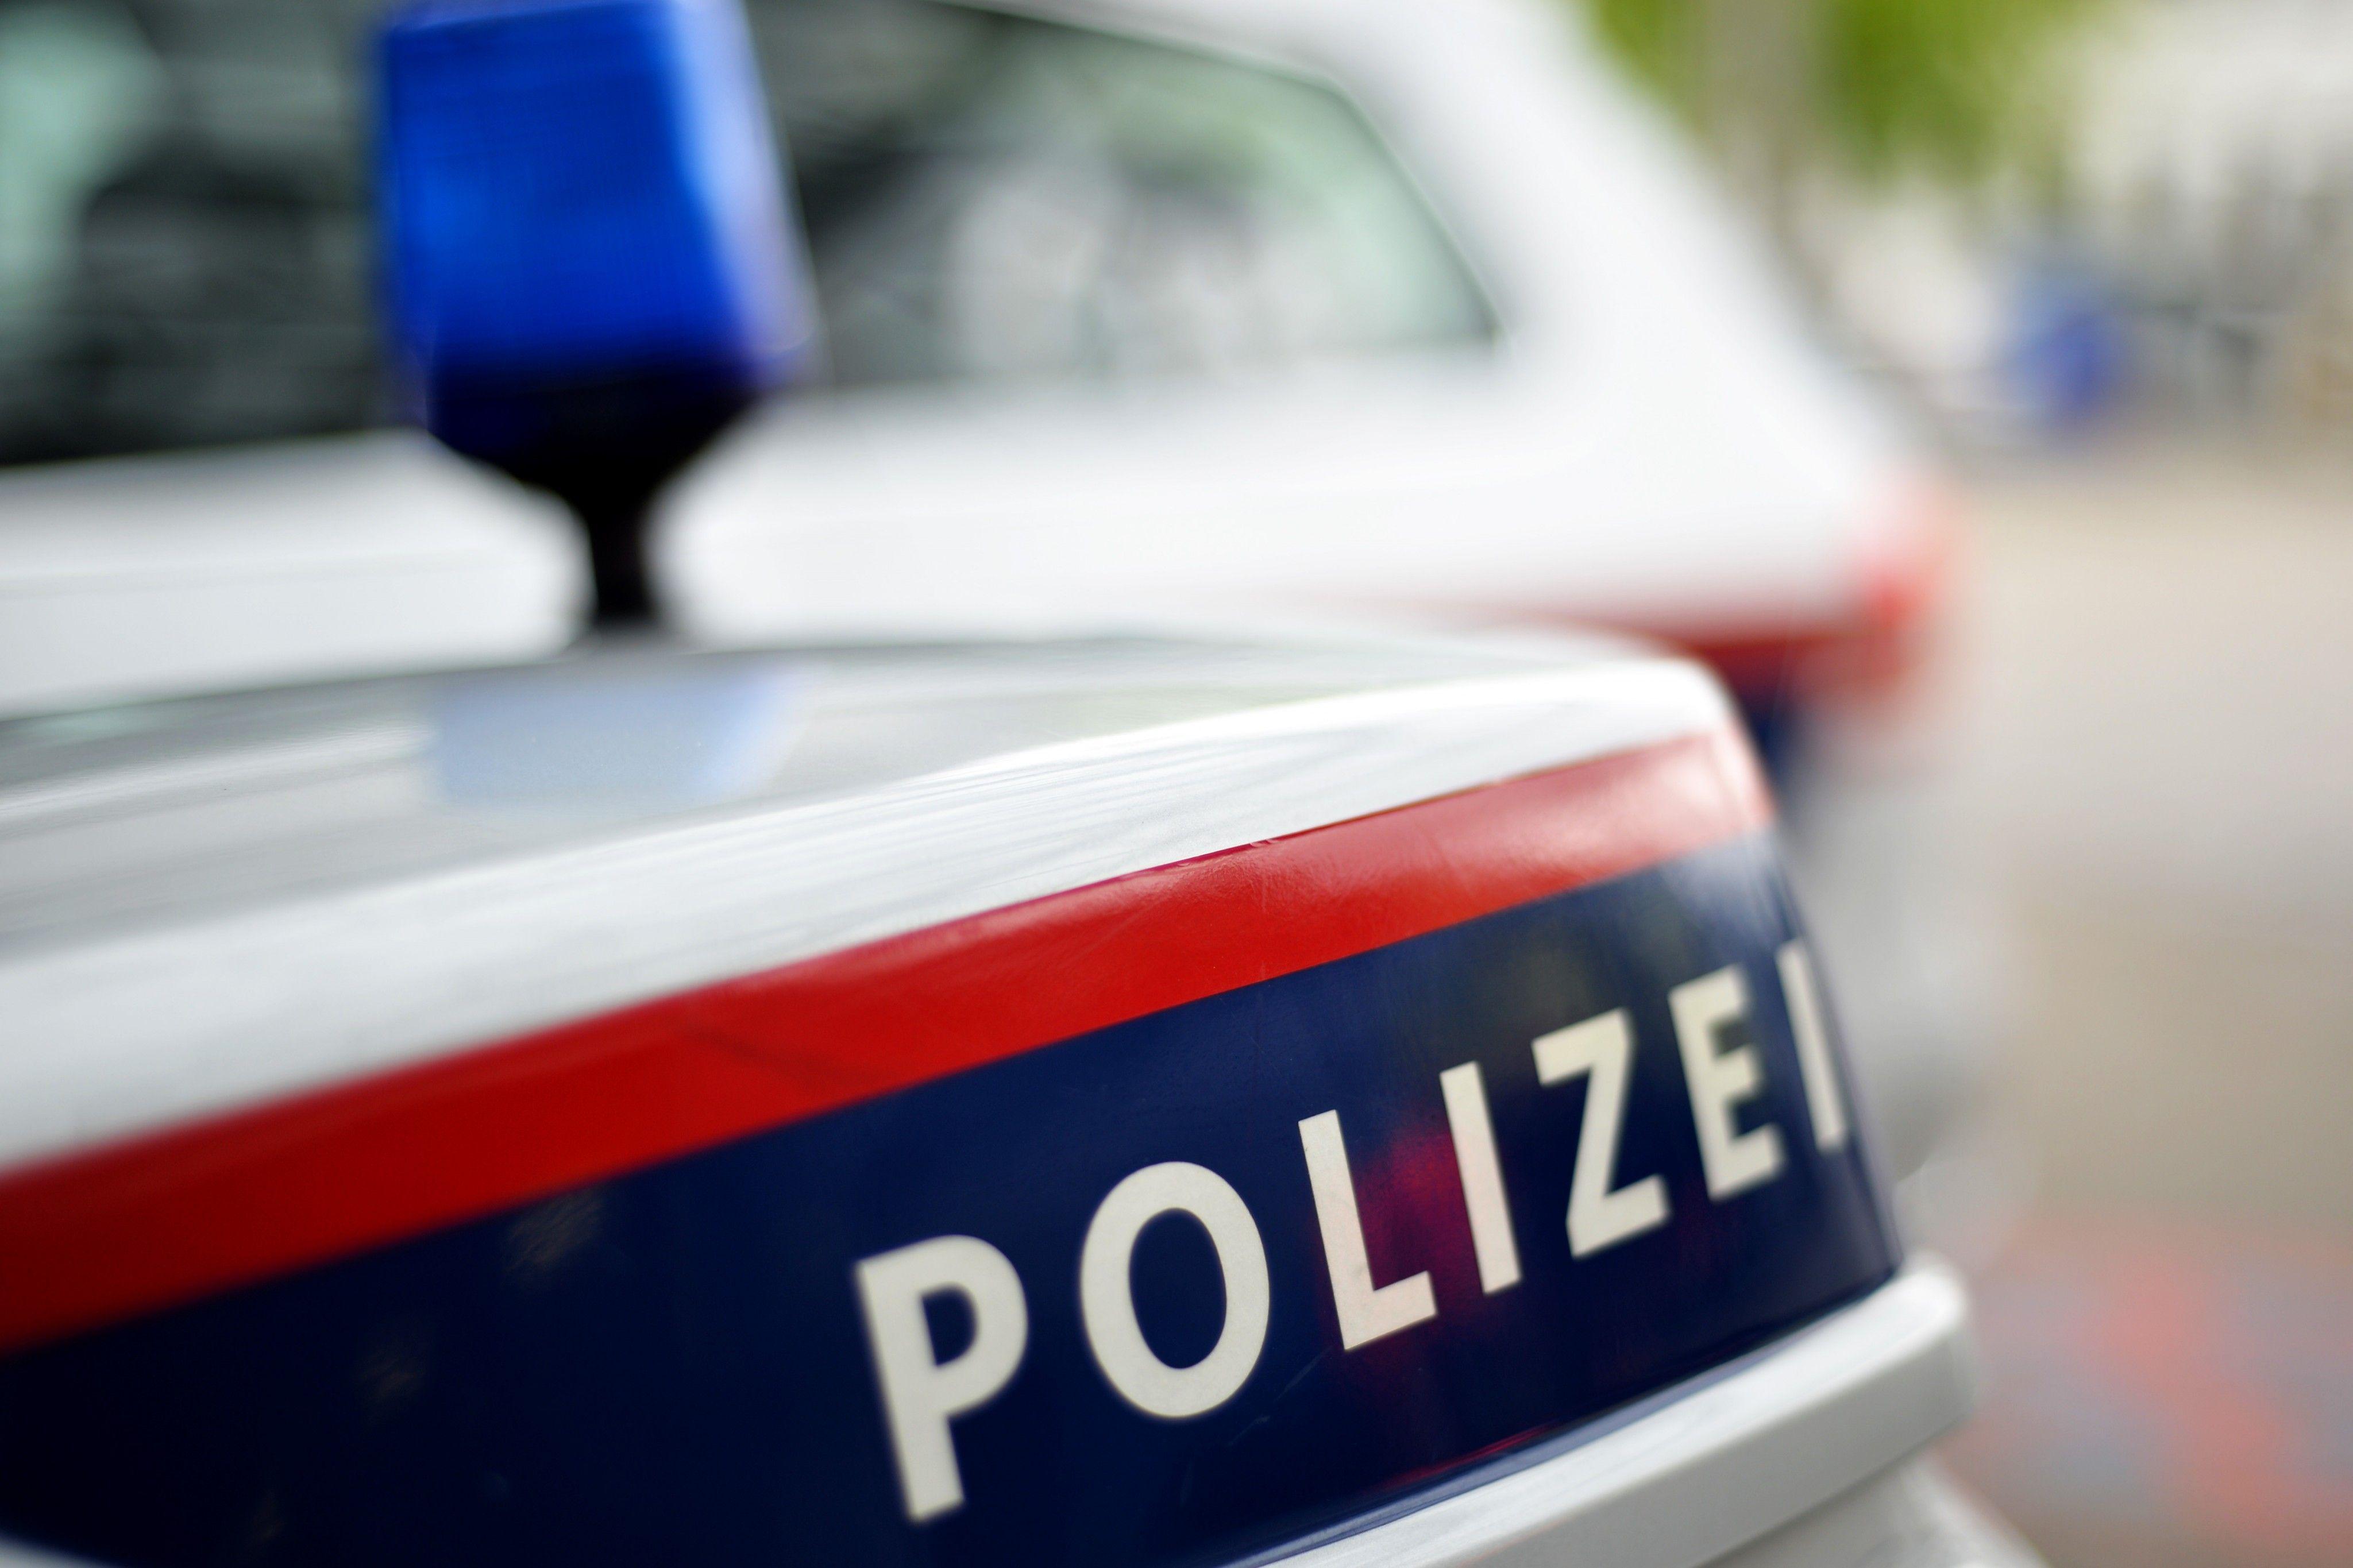 Vorarlberg: Moped-Unfall - Polizei sucht Autofahrer